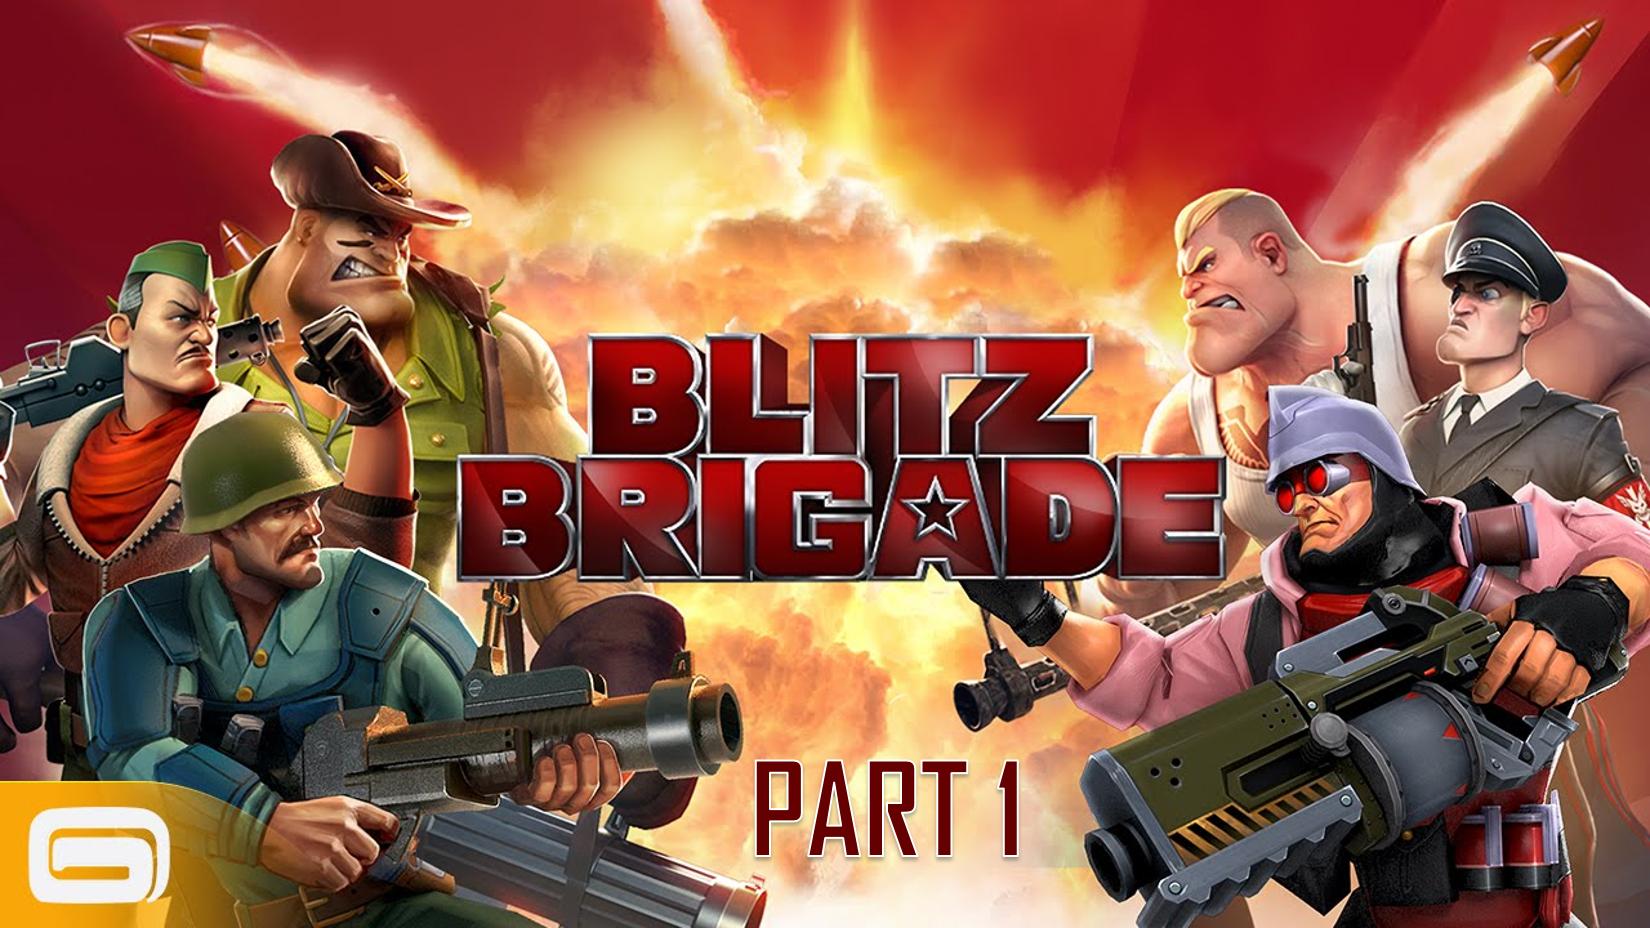 گیم پلی بازی Blitz Brigade برای کامپیوتر پارت 1